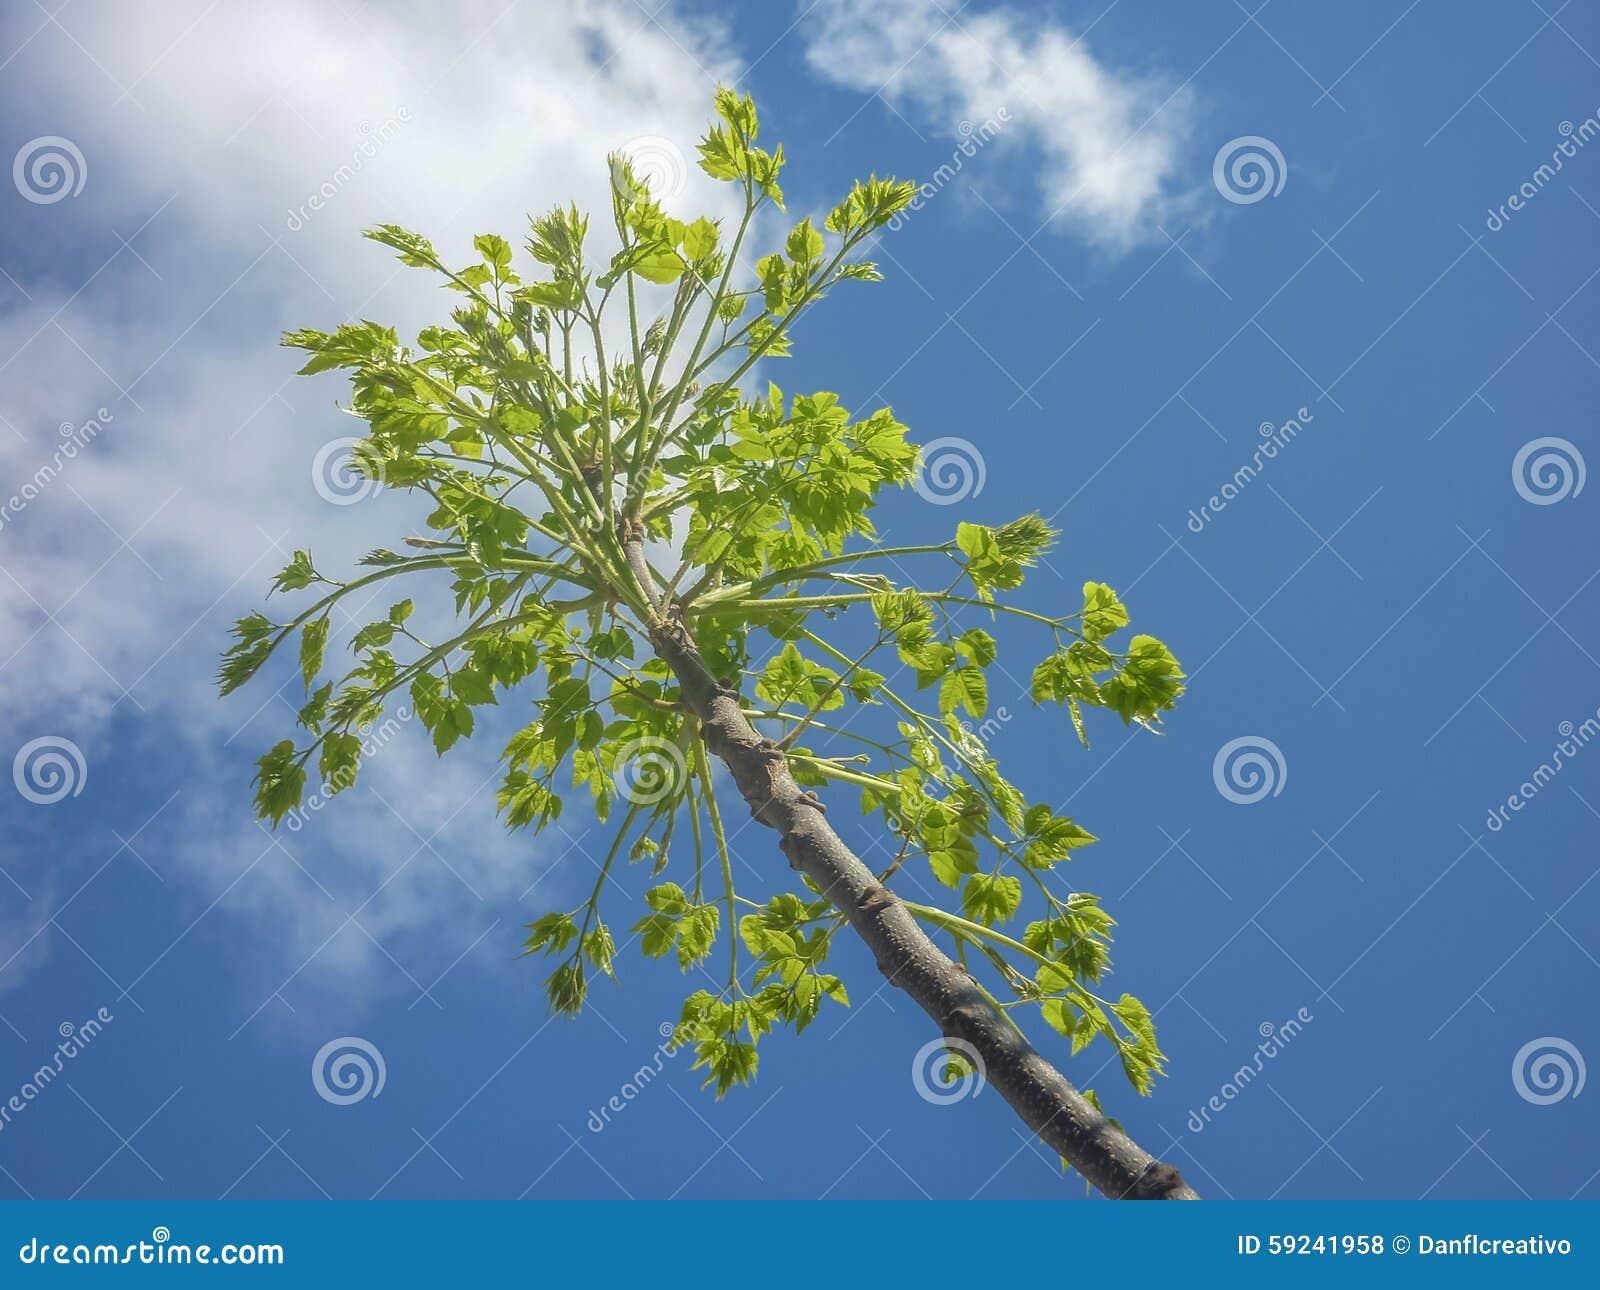 branches et feuilles d 39 arbre contre le ciel bleu photo stock image du beau trunk 59241958. Black Bedroom Furniture Sets. Home Design Ideas